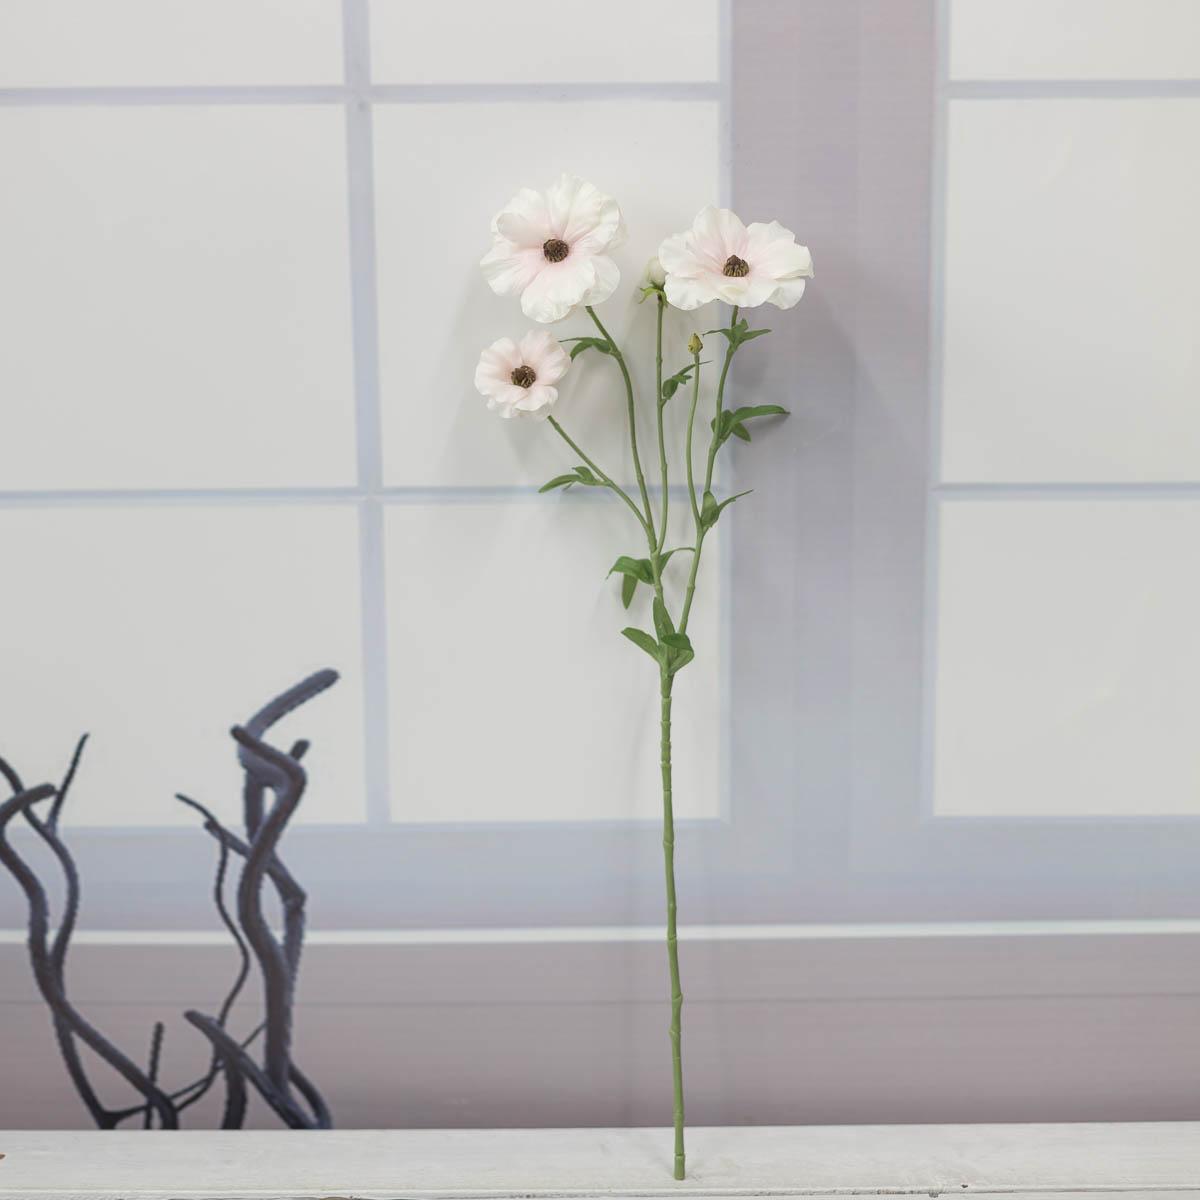 버터플라이 러넌큘러스 꽃 가지 56cm Cream/Pink(크림/핑크) 세워놓은 이미지